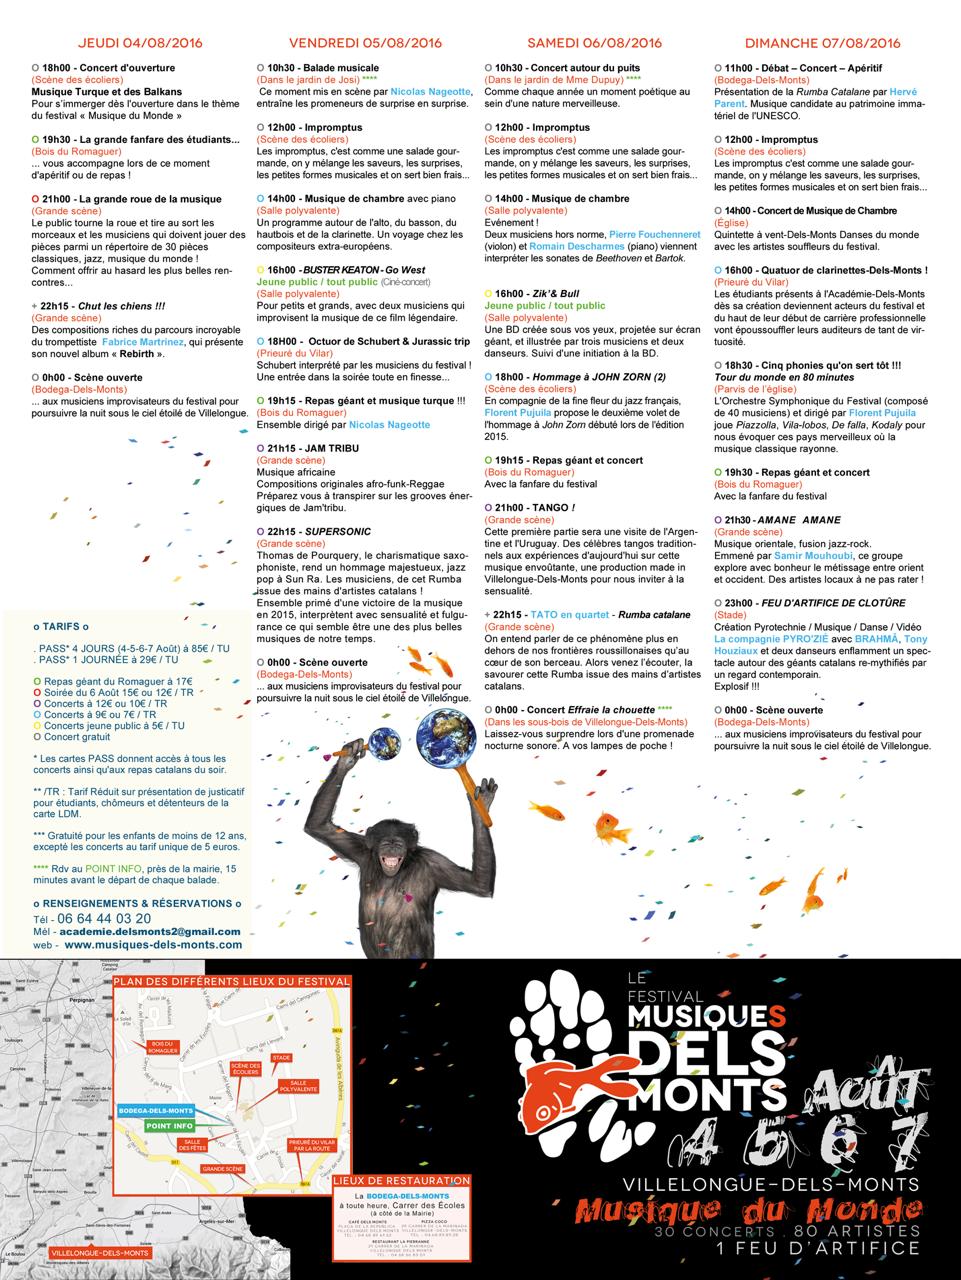 Prog_Festival_Musiques_Dels_Monts_2016-1466006654.PNG